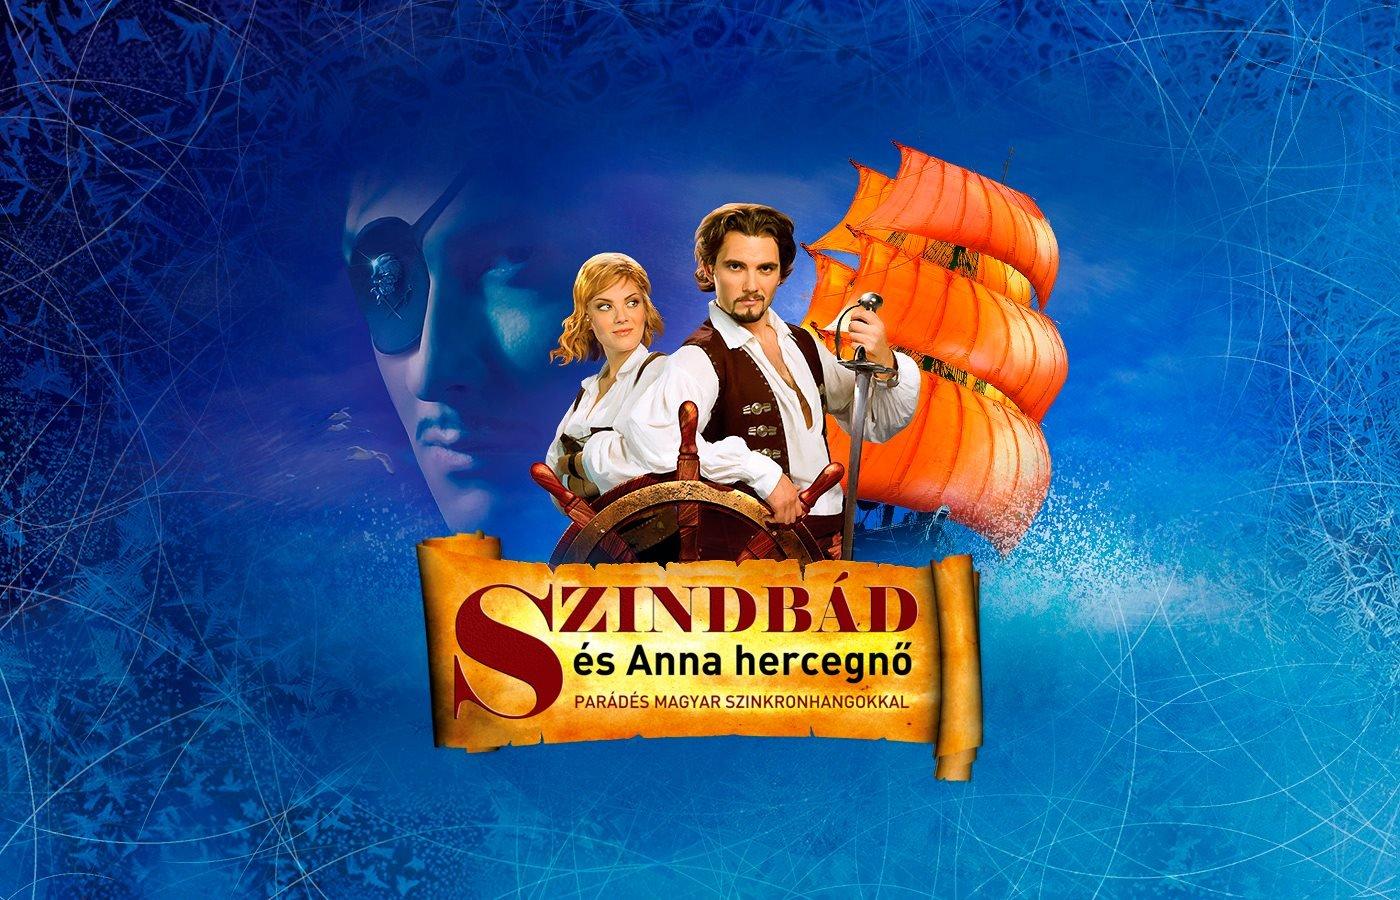 Szindbád és Anna hercegnő